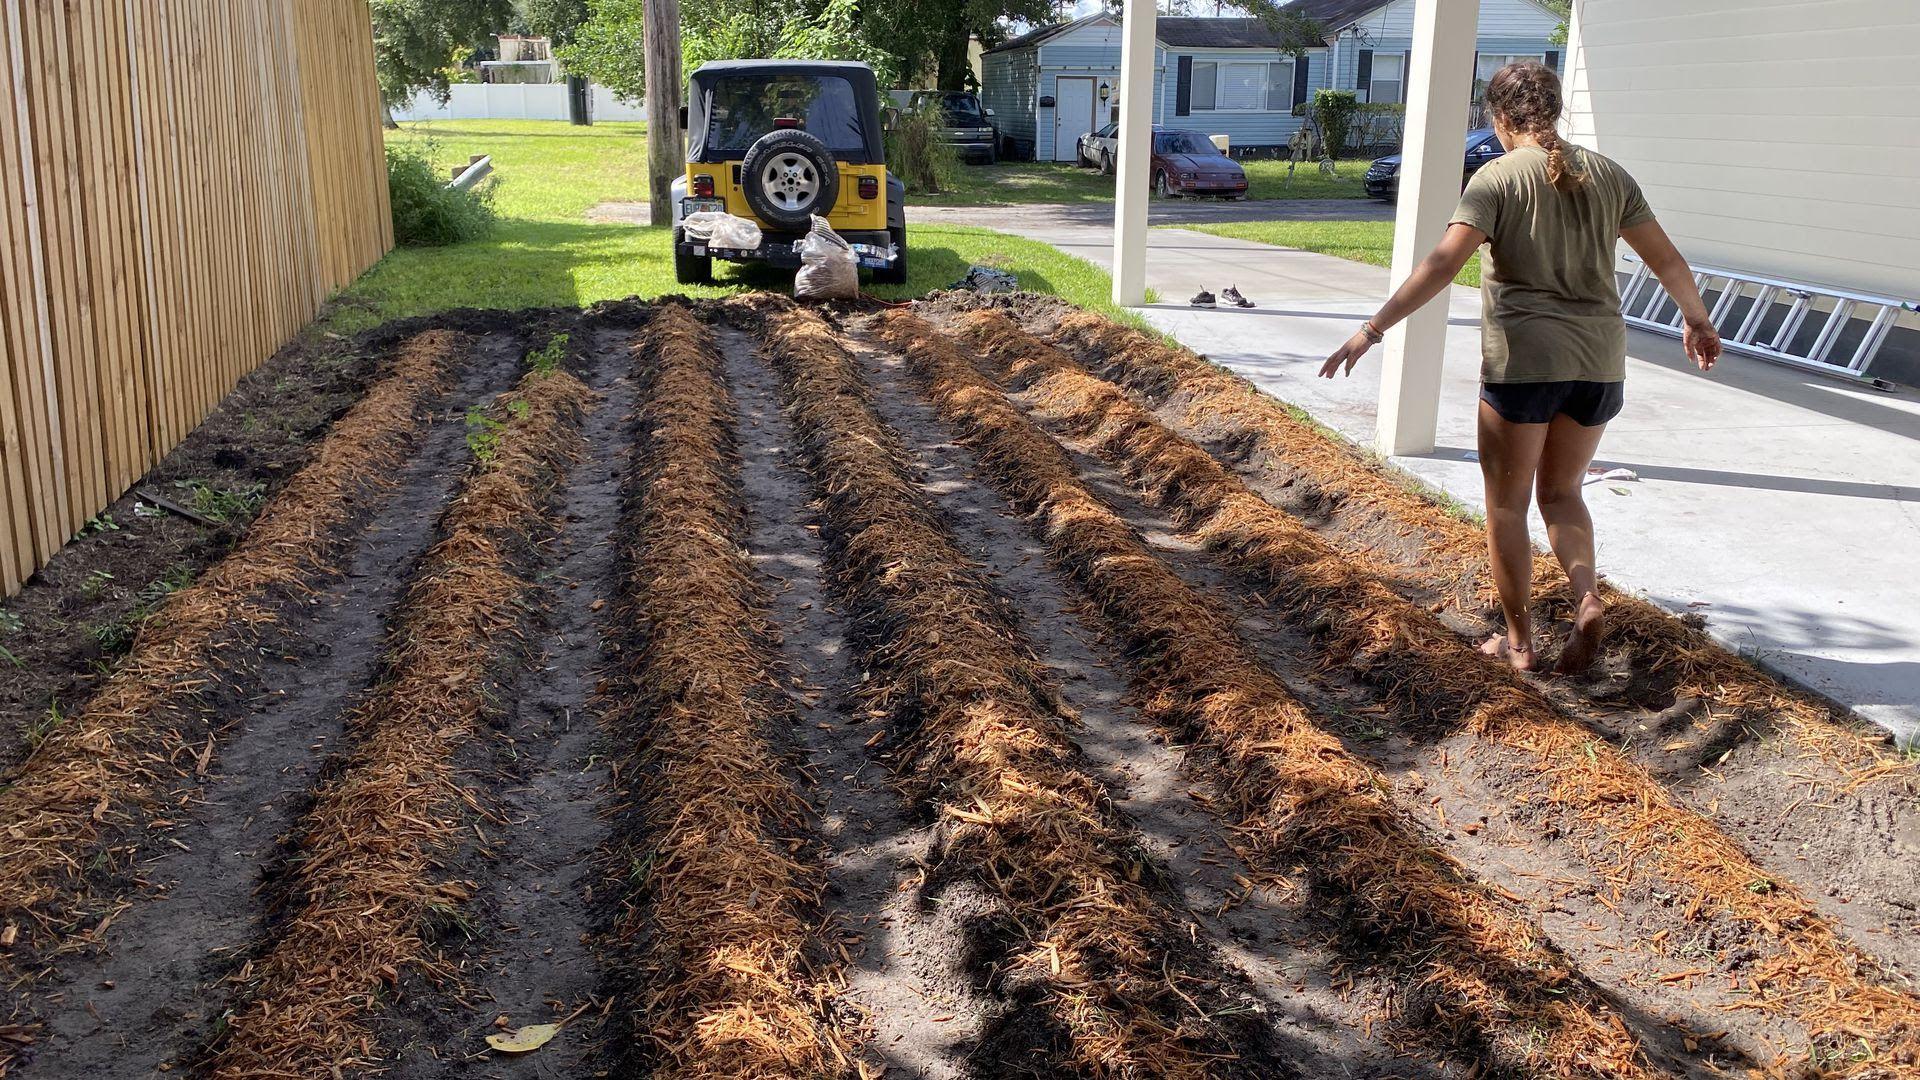 A row of fertilized seedlings in Ben's garden in Seminole Heights.